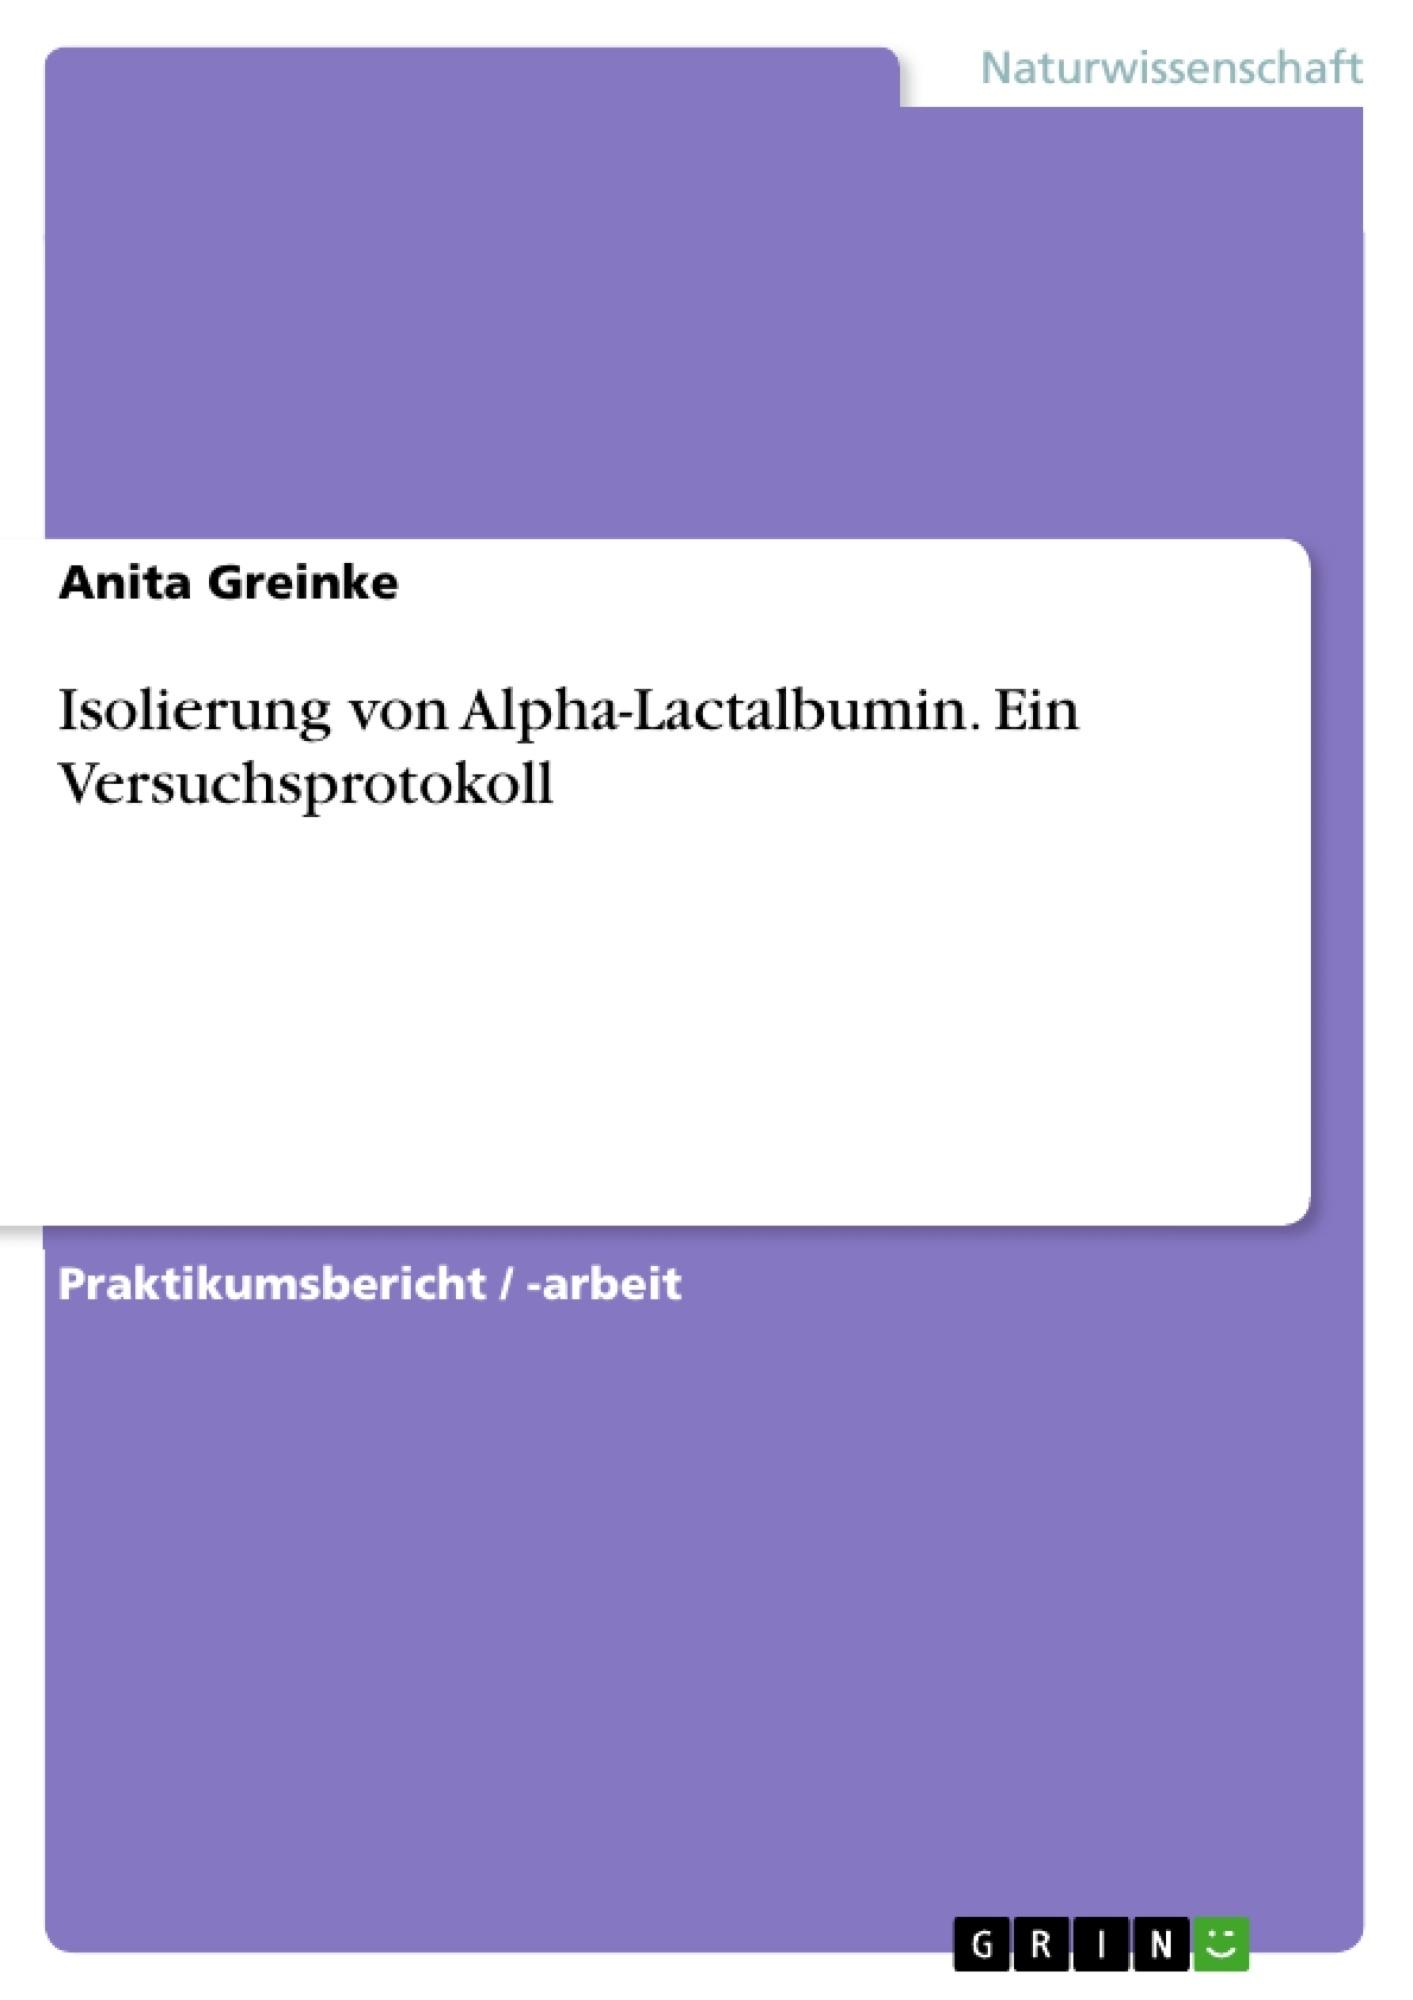 Titel: Isolierung von Alpha-Lactalbumin. Ein Versuchsprotokoll